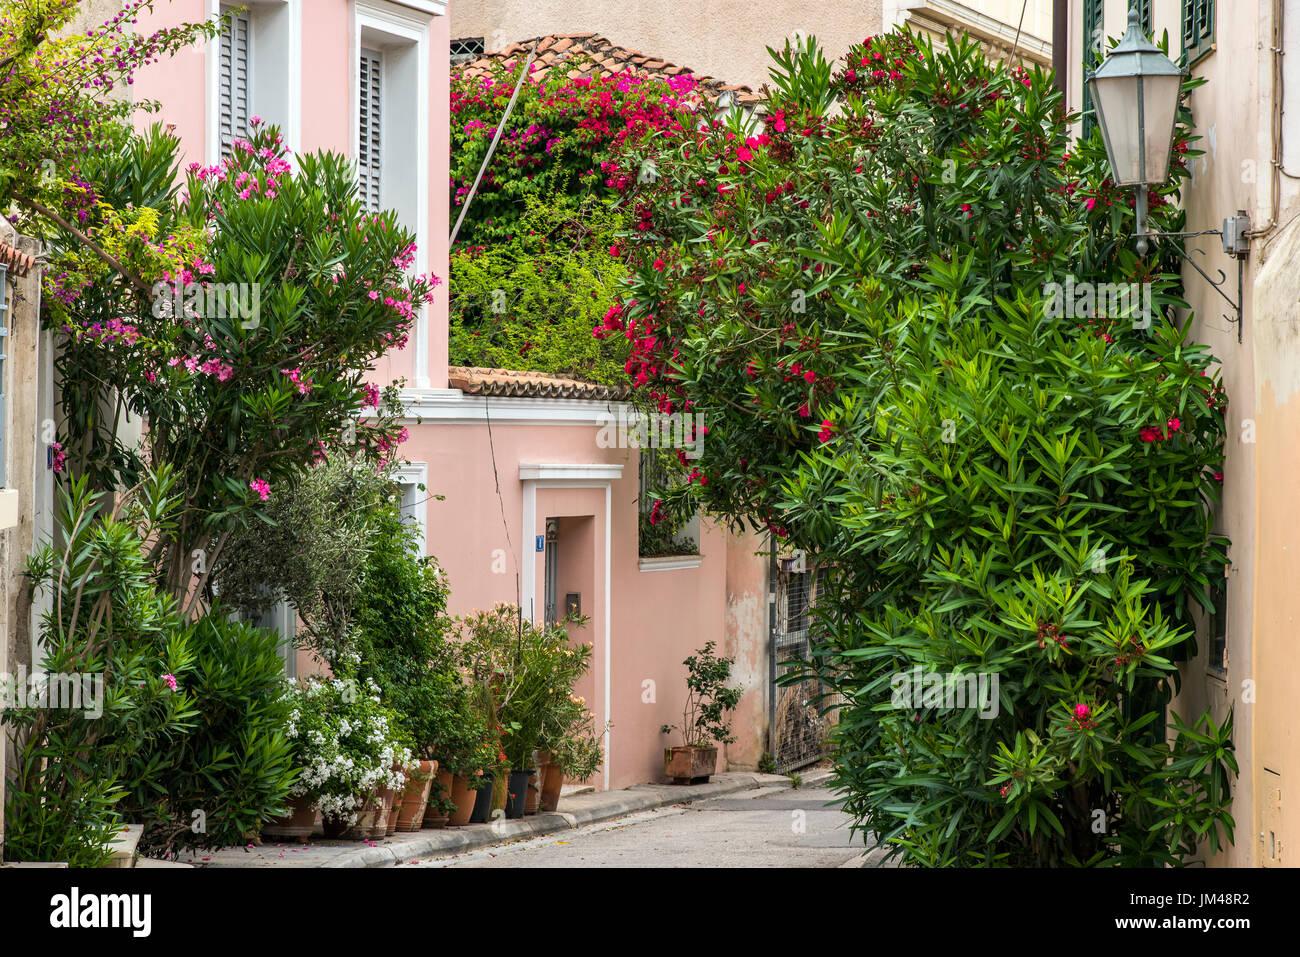 Malerische Ecke des Stadtteils Anafiotika, Athen, Attika, Griechenland Stockbild